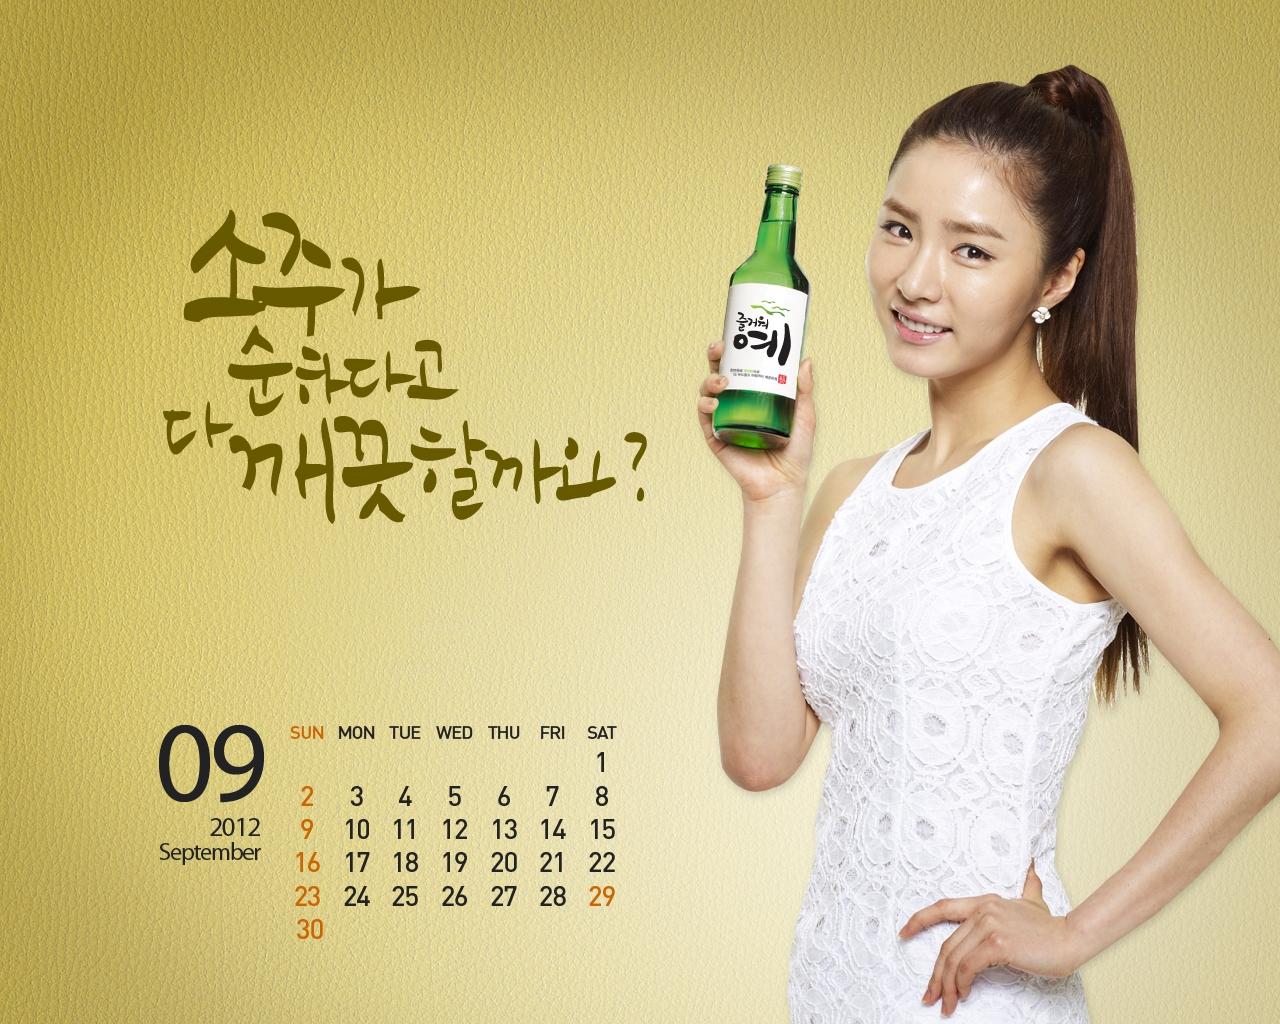 Fun Yeah Soju - Shin Se Kyung Wallpaper (32967365) - Fanpop fanclubs